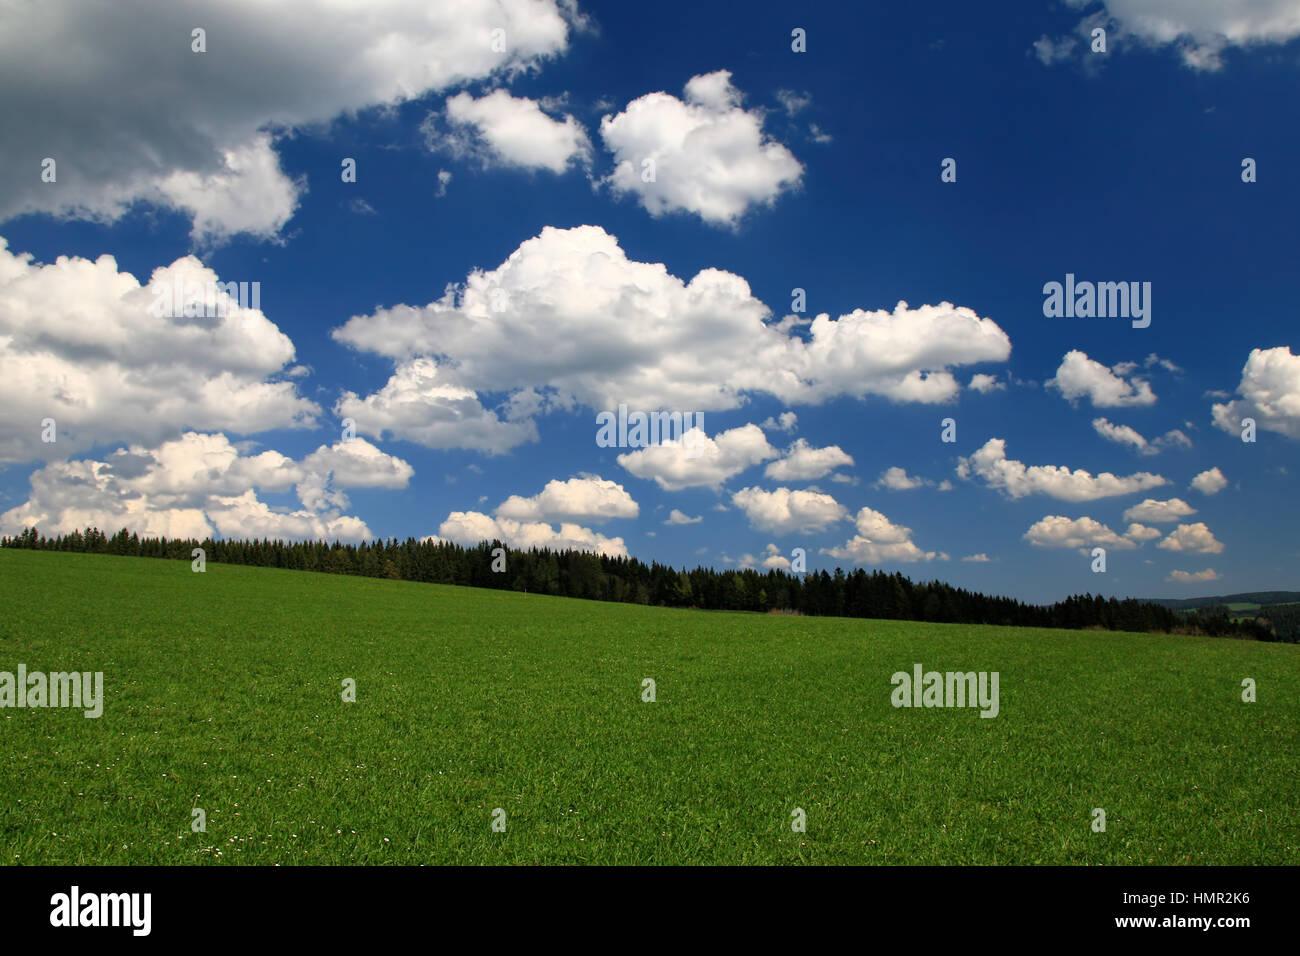 Schwarzwaldwanderung unter blauem Himmel - Stock Image